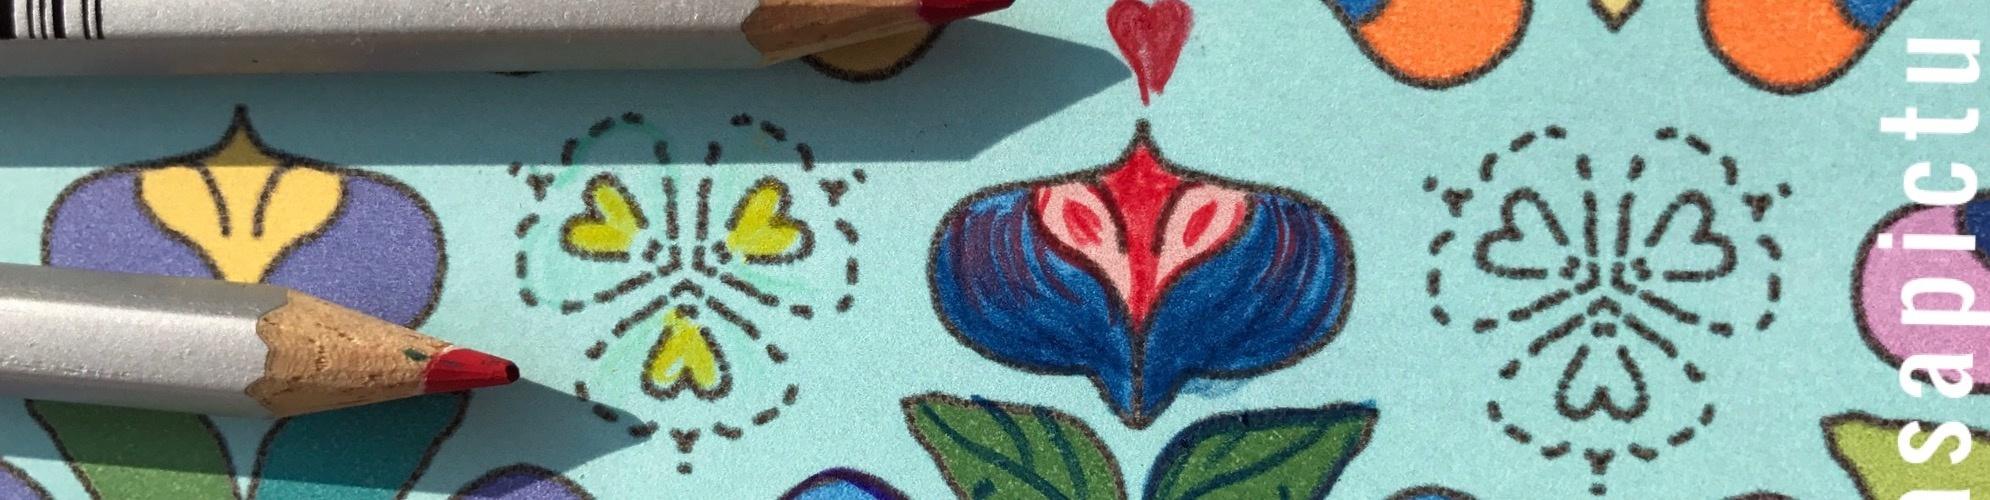 Bild mit Farbstiften bemalen